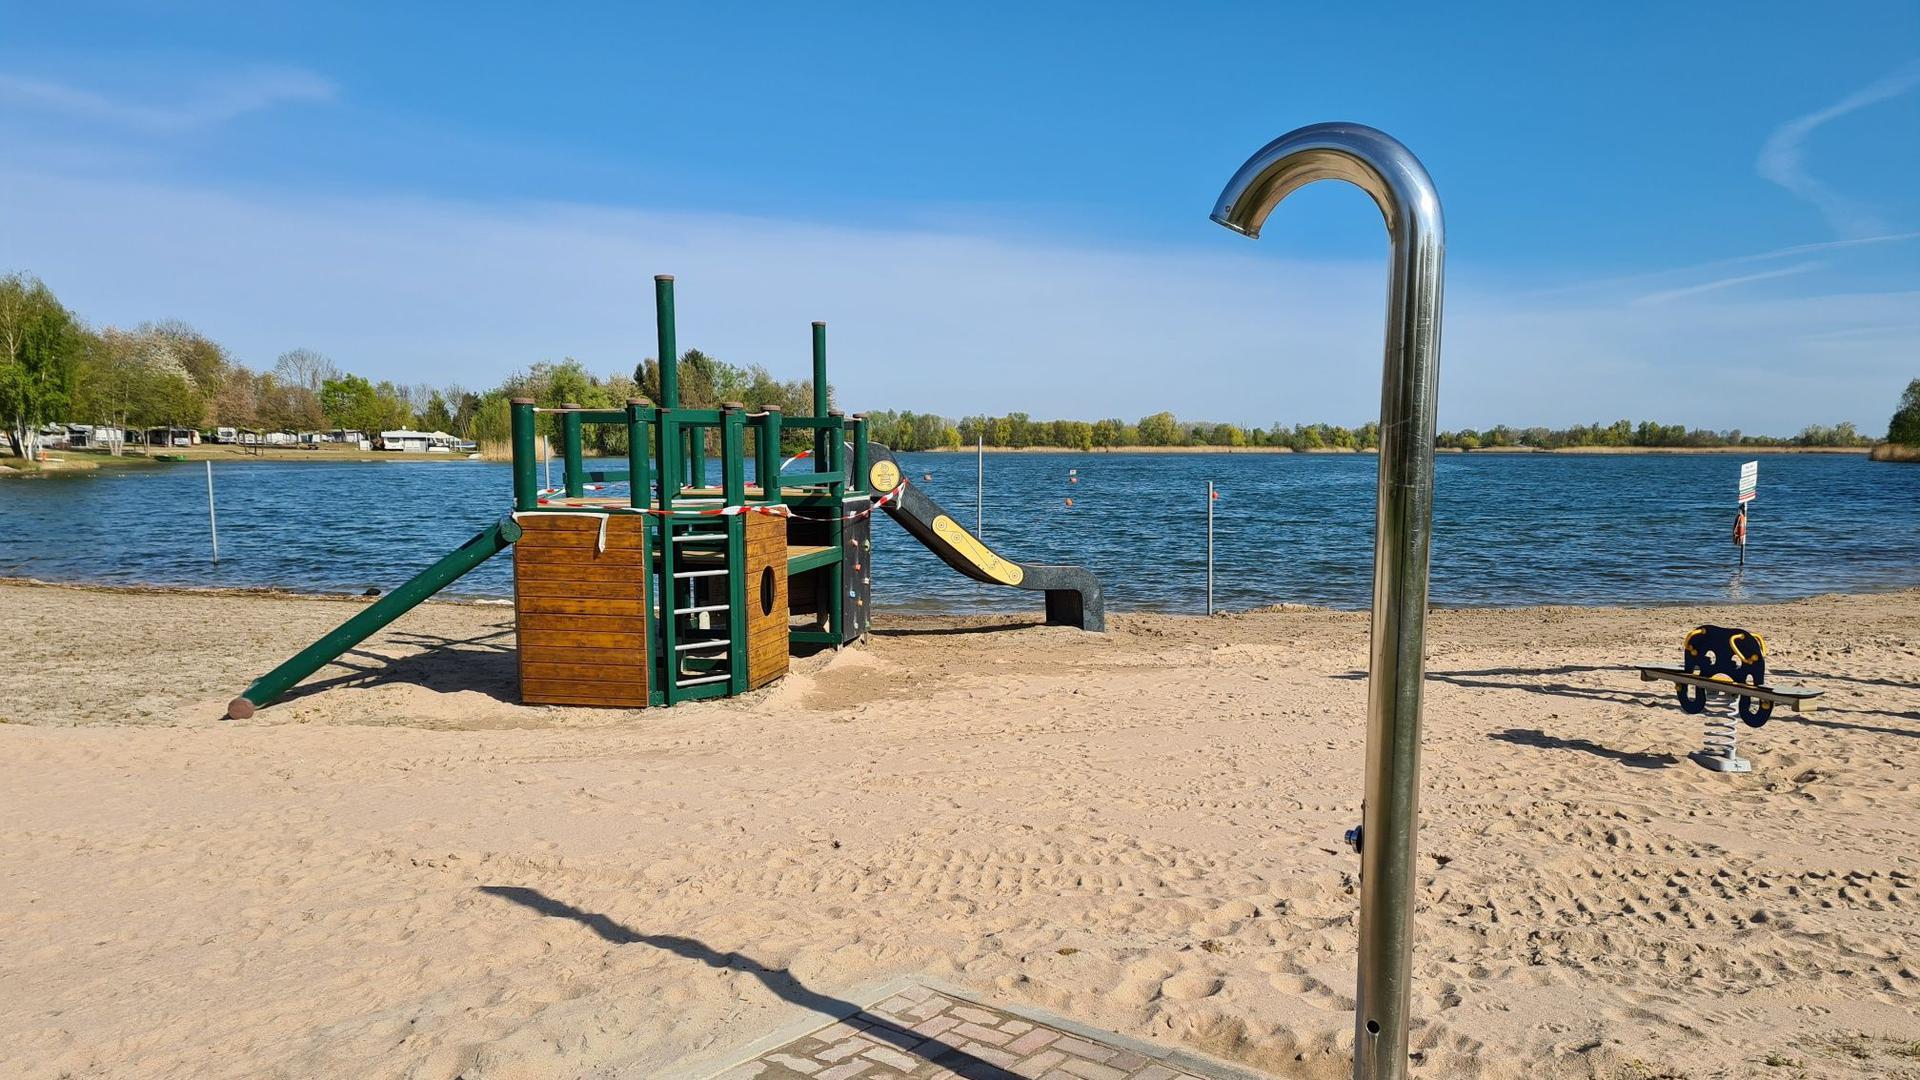 Am Erlichsee gibt es einen großen Sandstrand mit Spielplatz und Duschen.